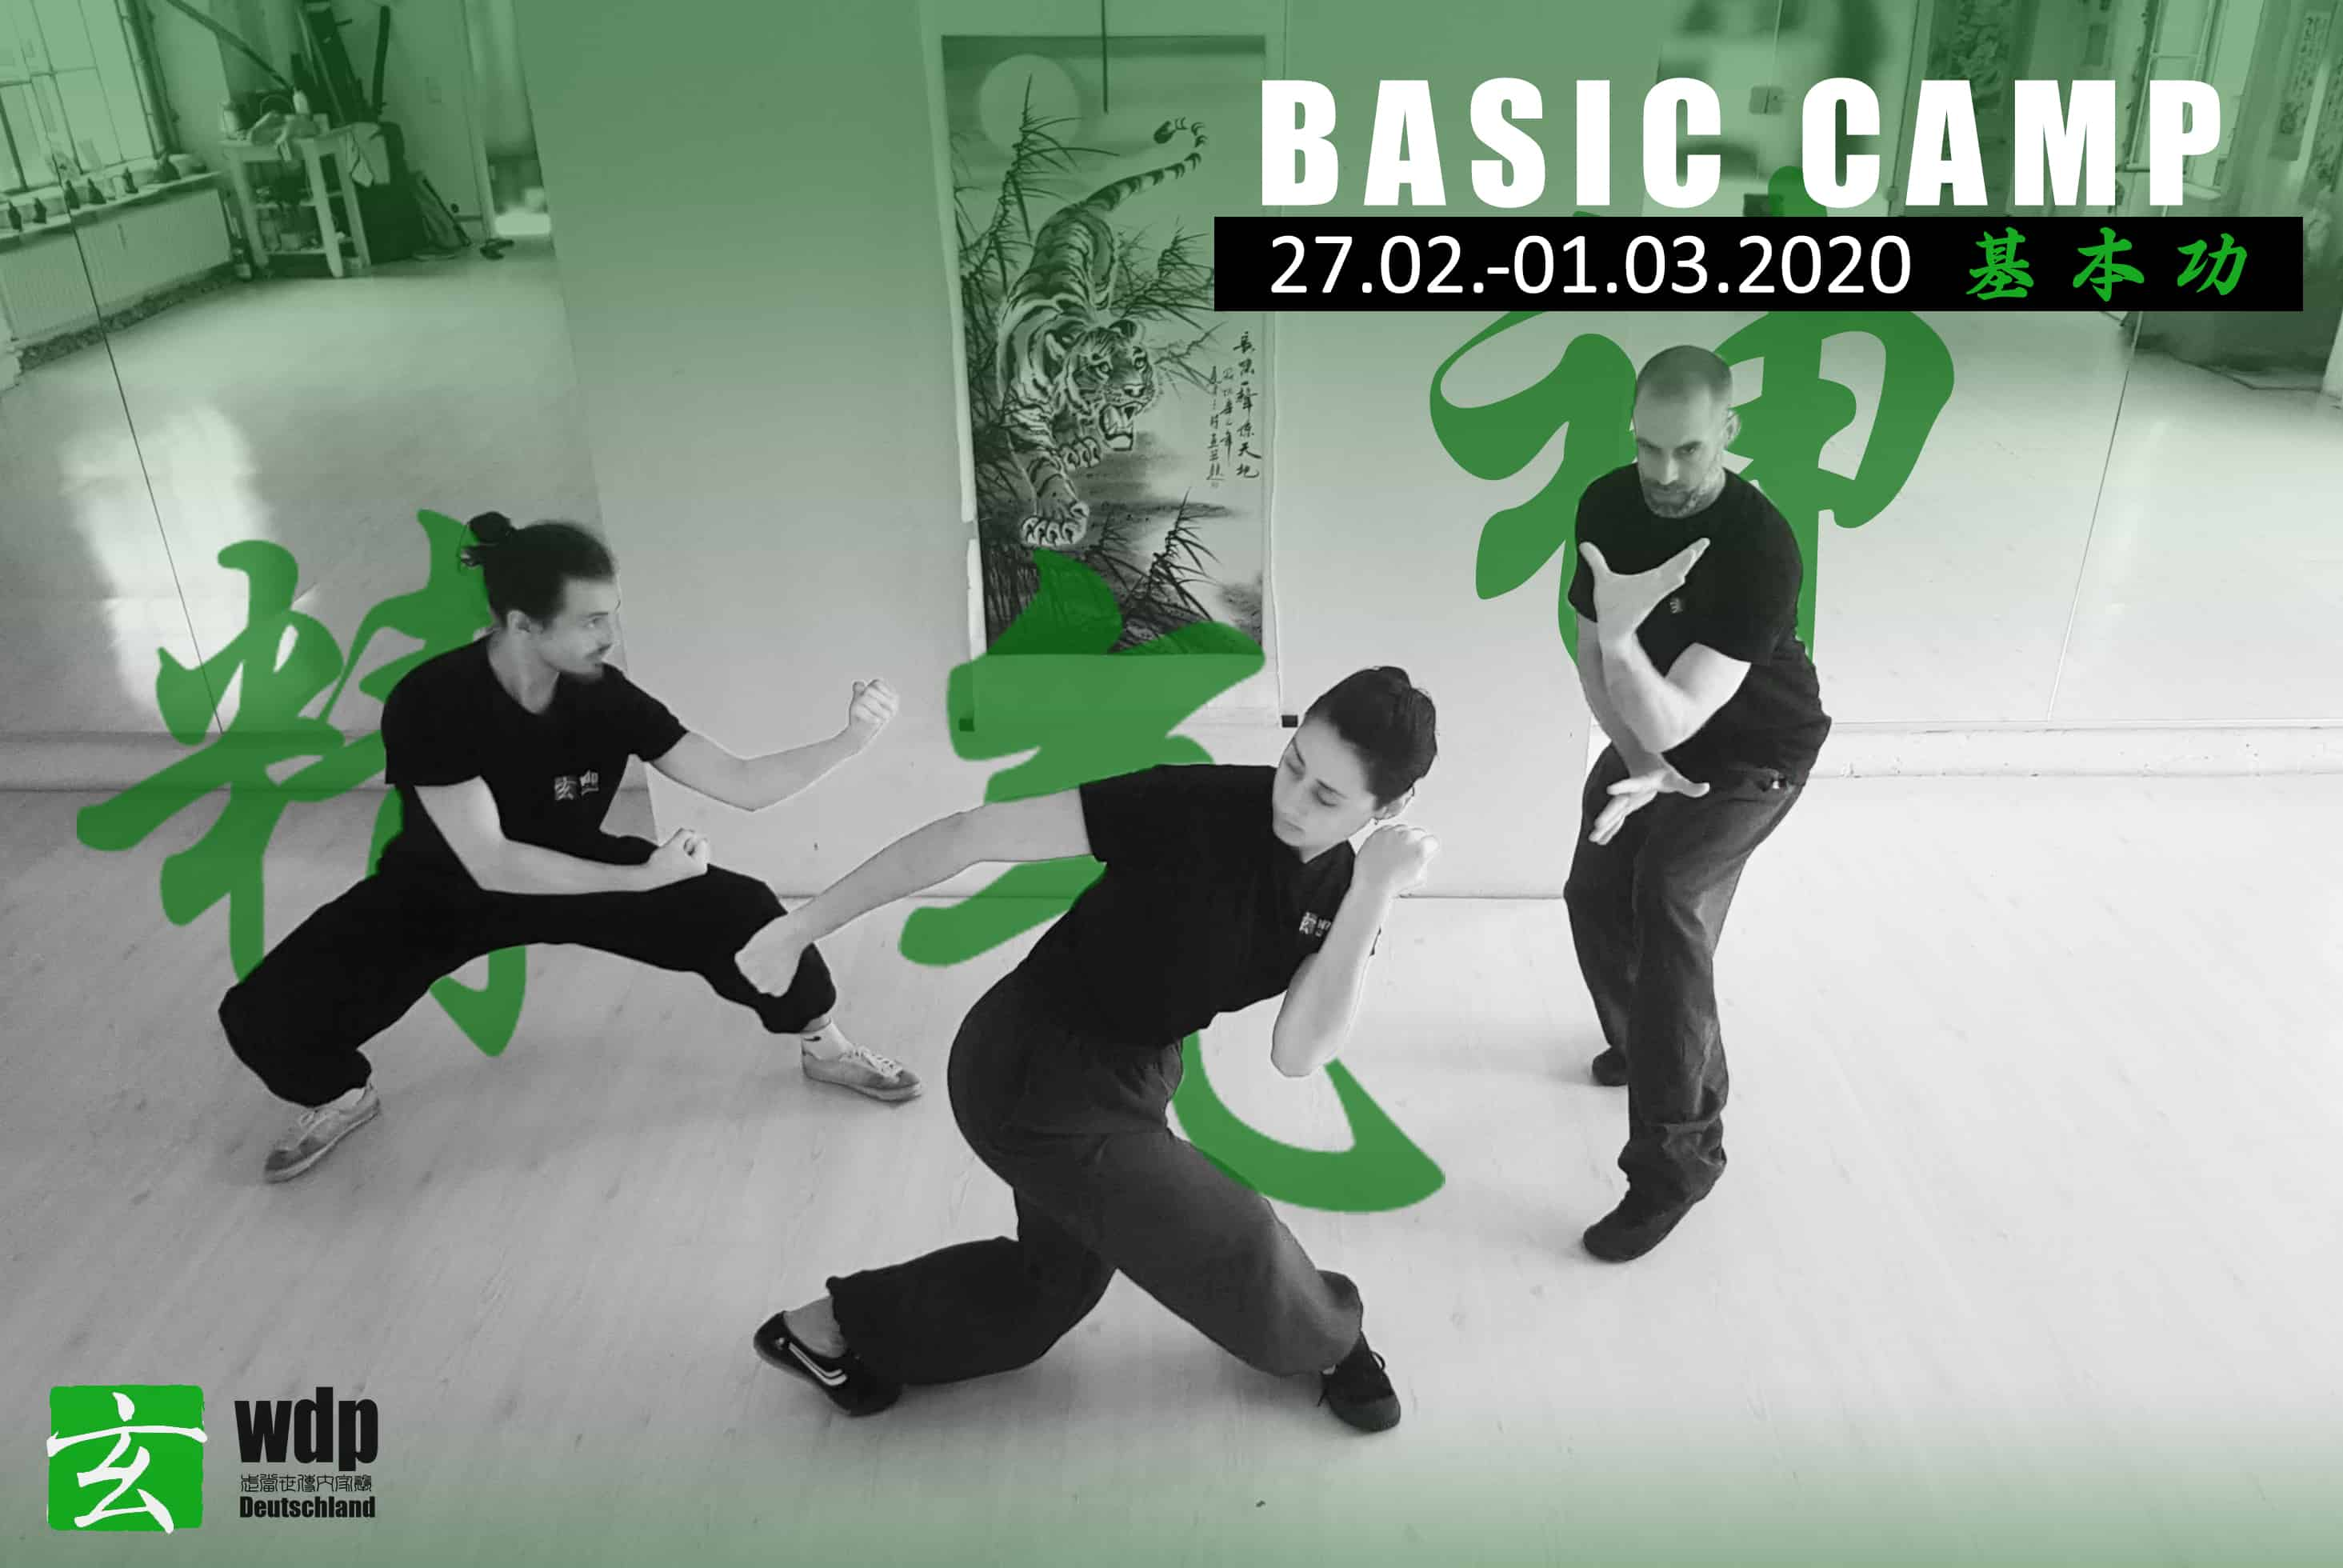 BASIC CAMP 2020